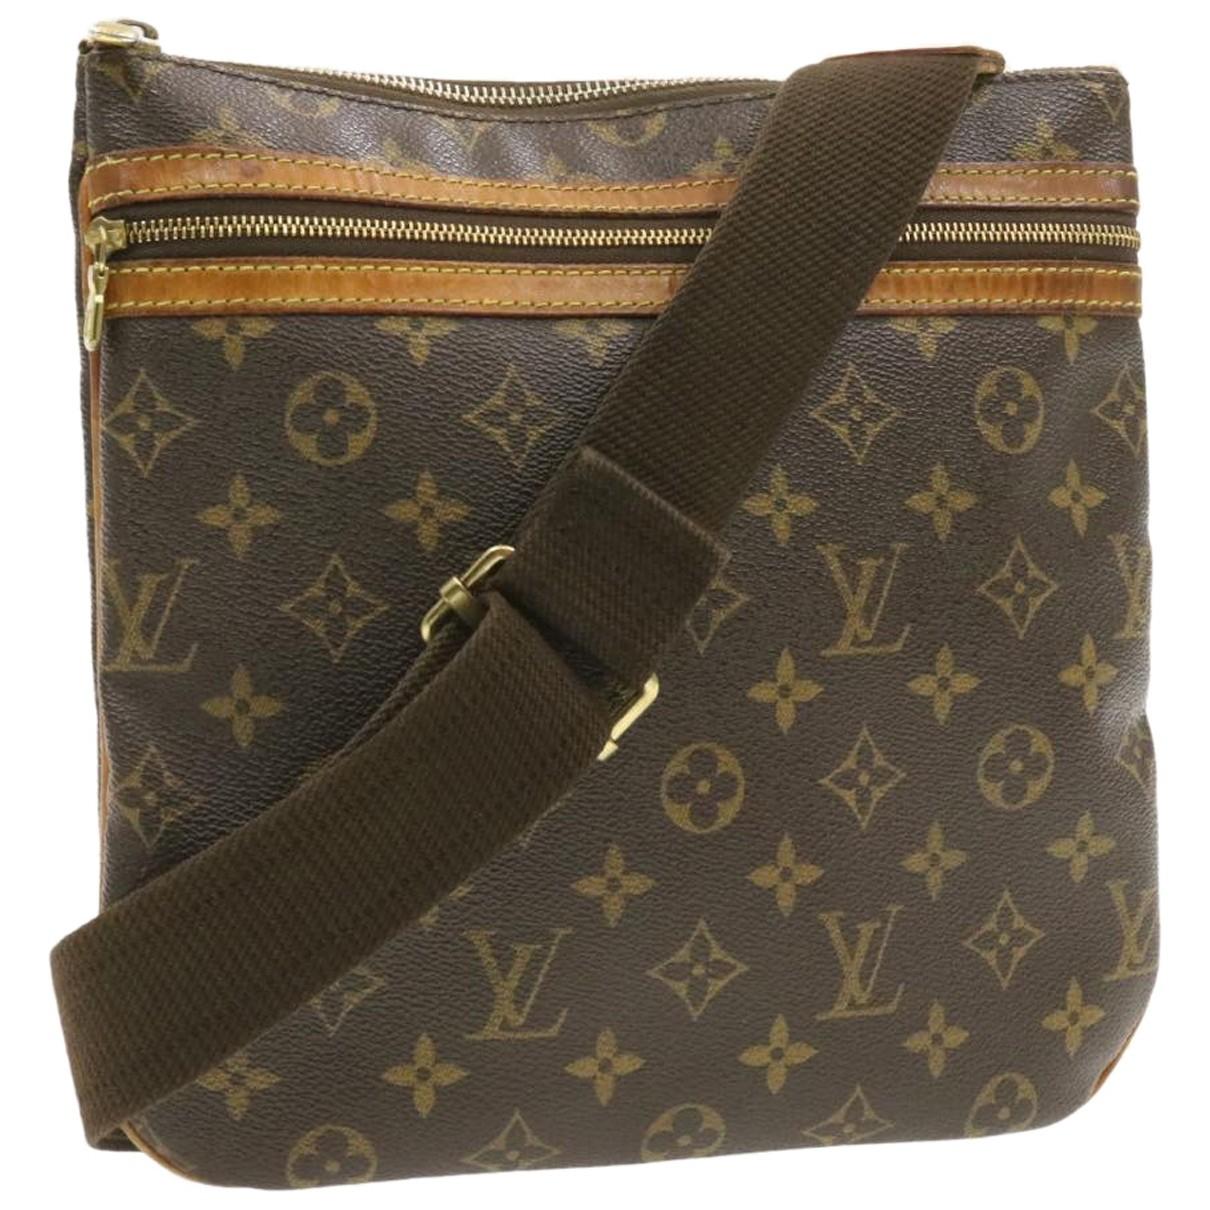 Louis Vuitton - Sac a main Bosphore pour femme en toile - marron